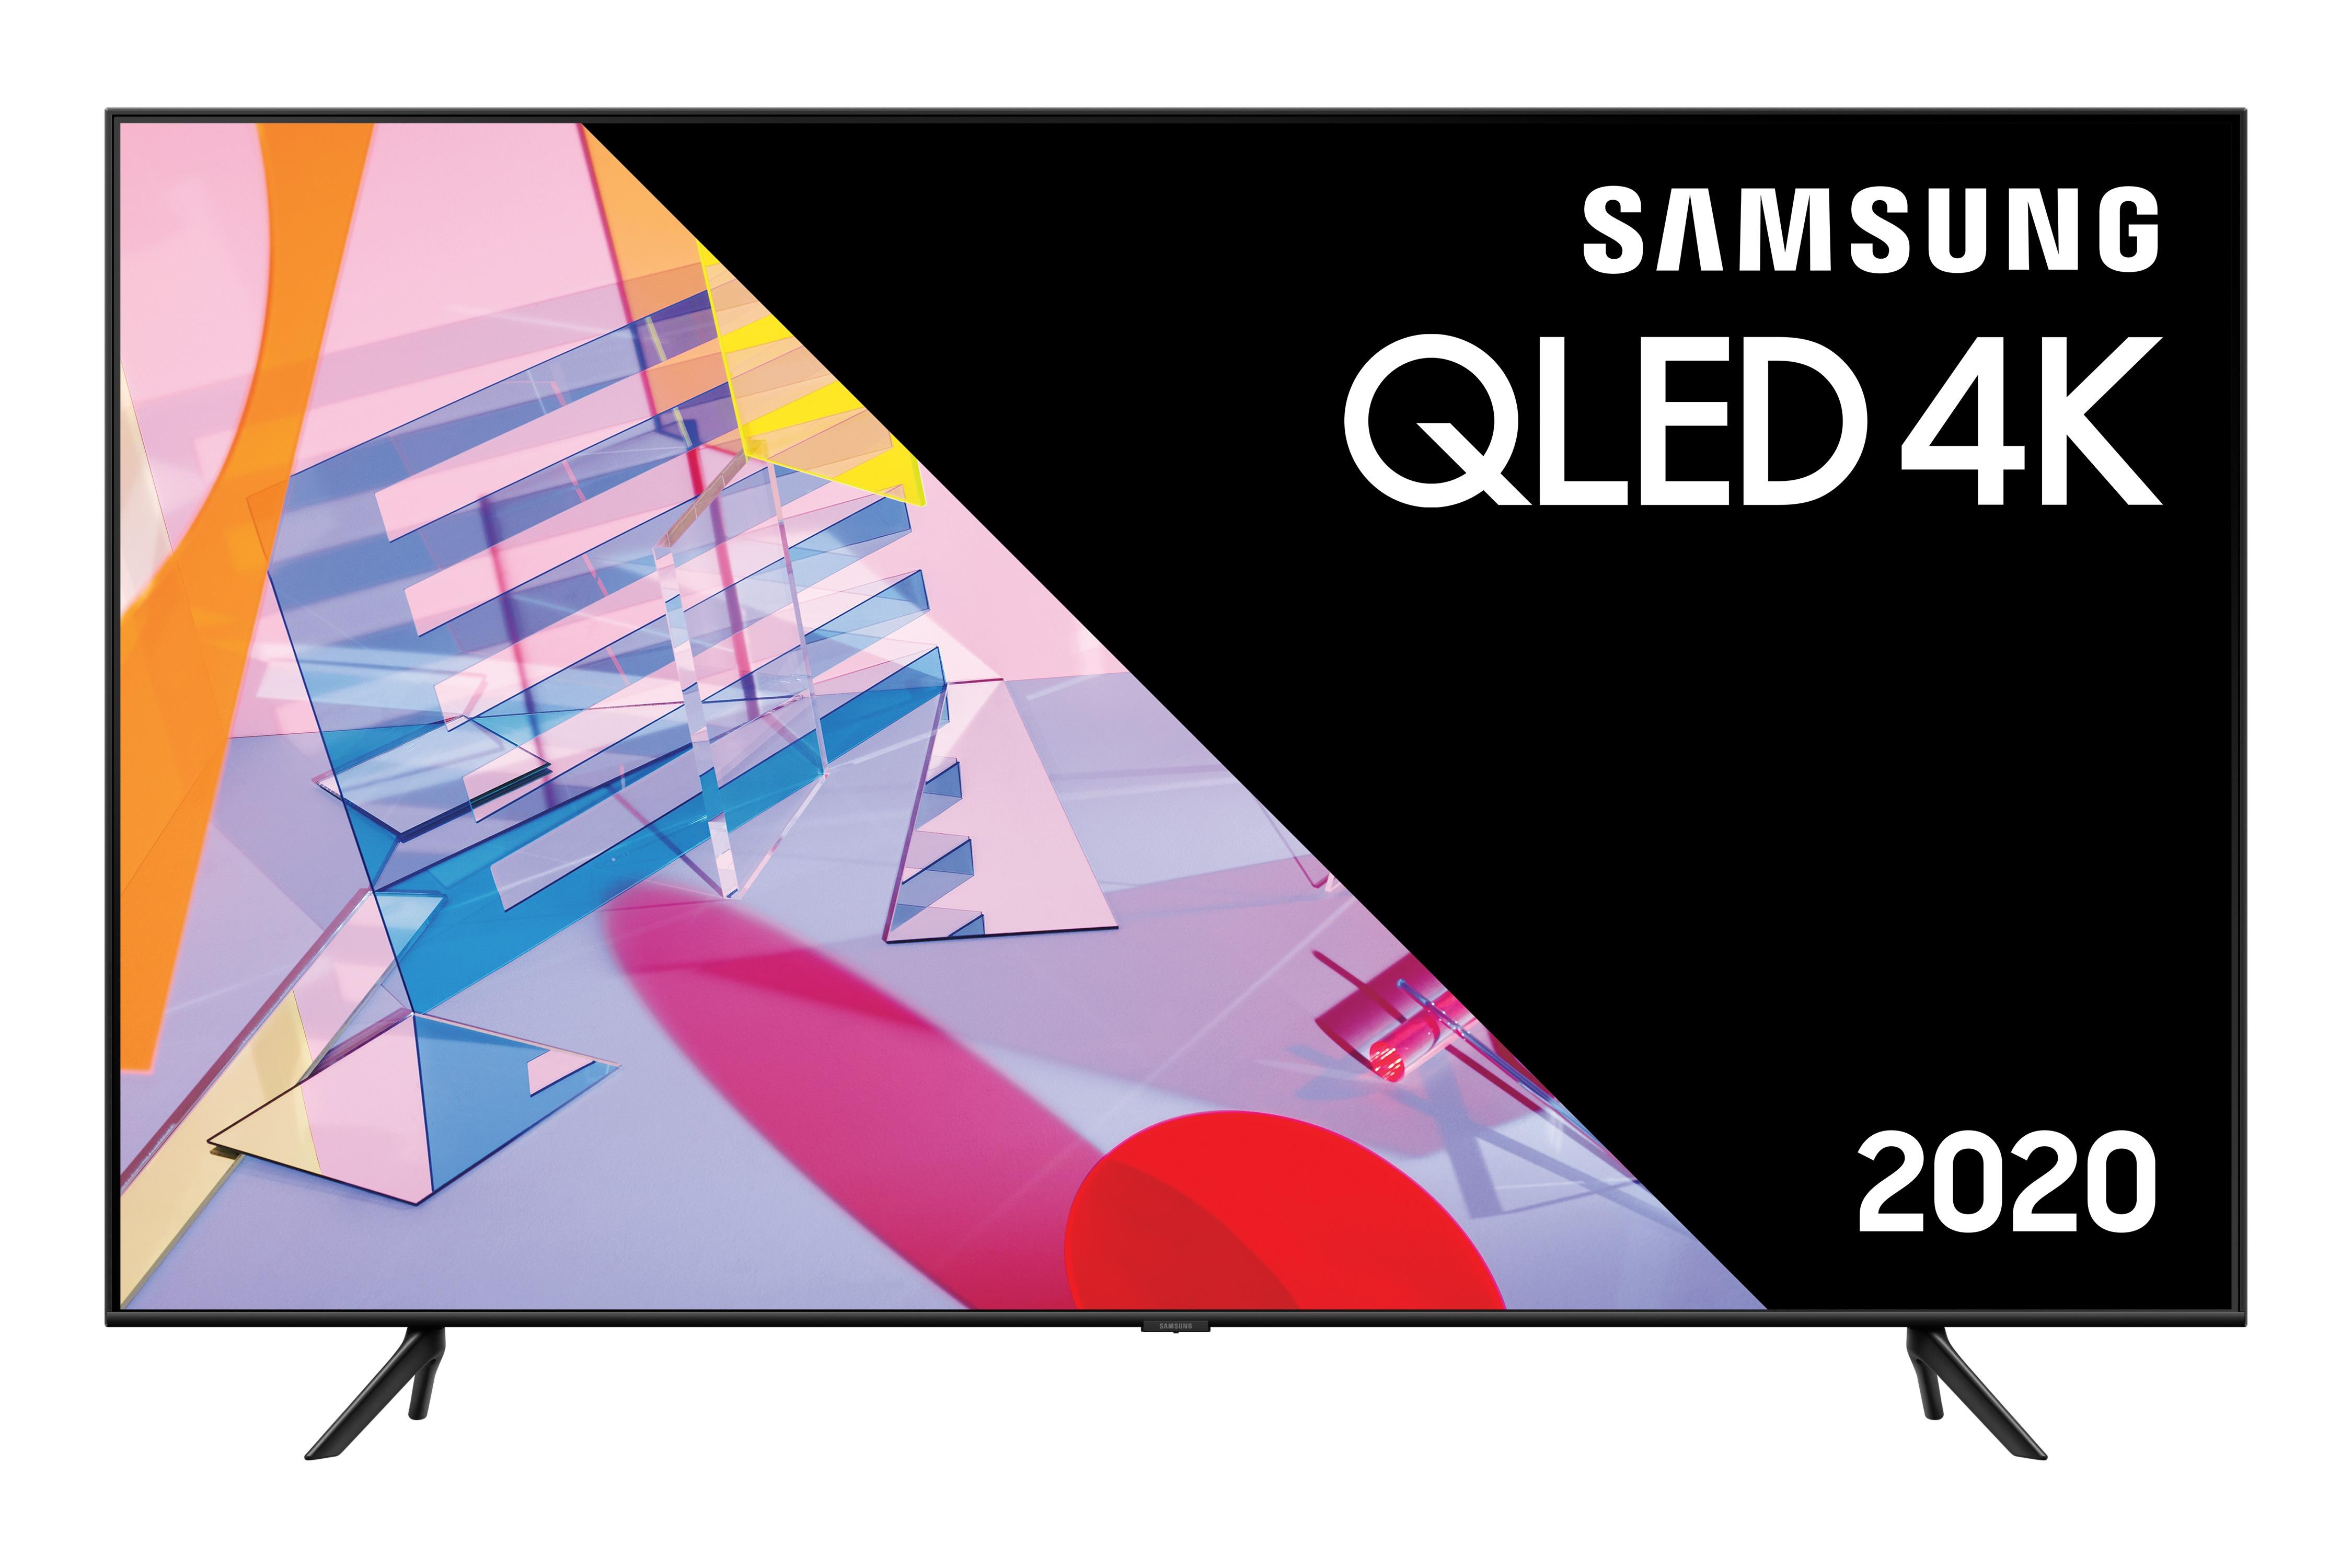 Op Home Media Centre is alles over televisie te vinden: waaronder expert en specifiek Samsung QE43Q67TAS QLED TV